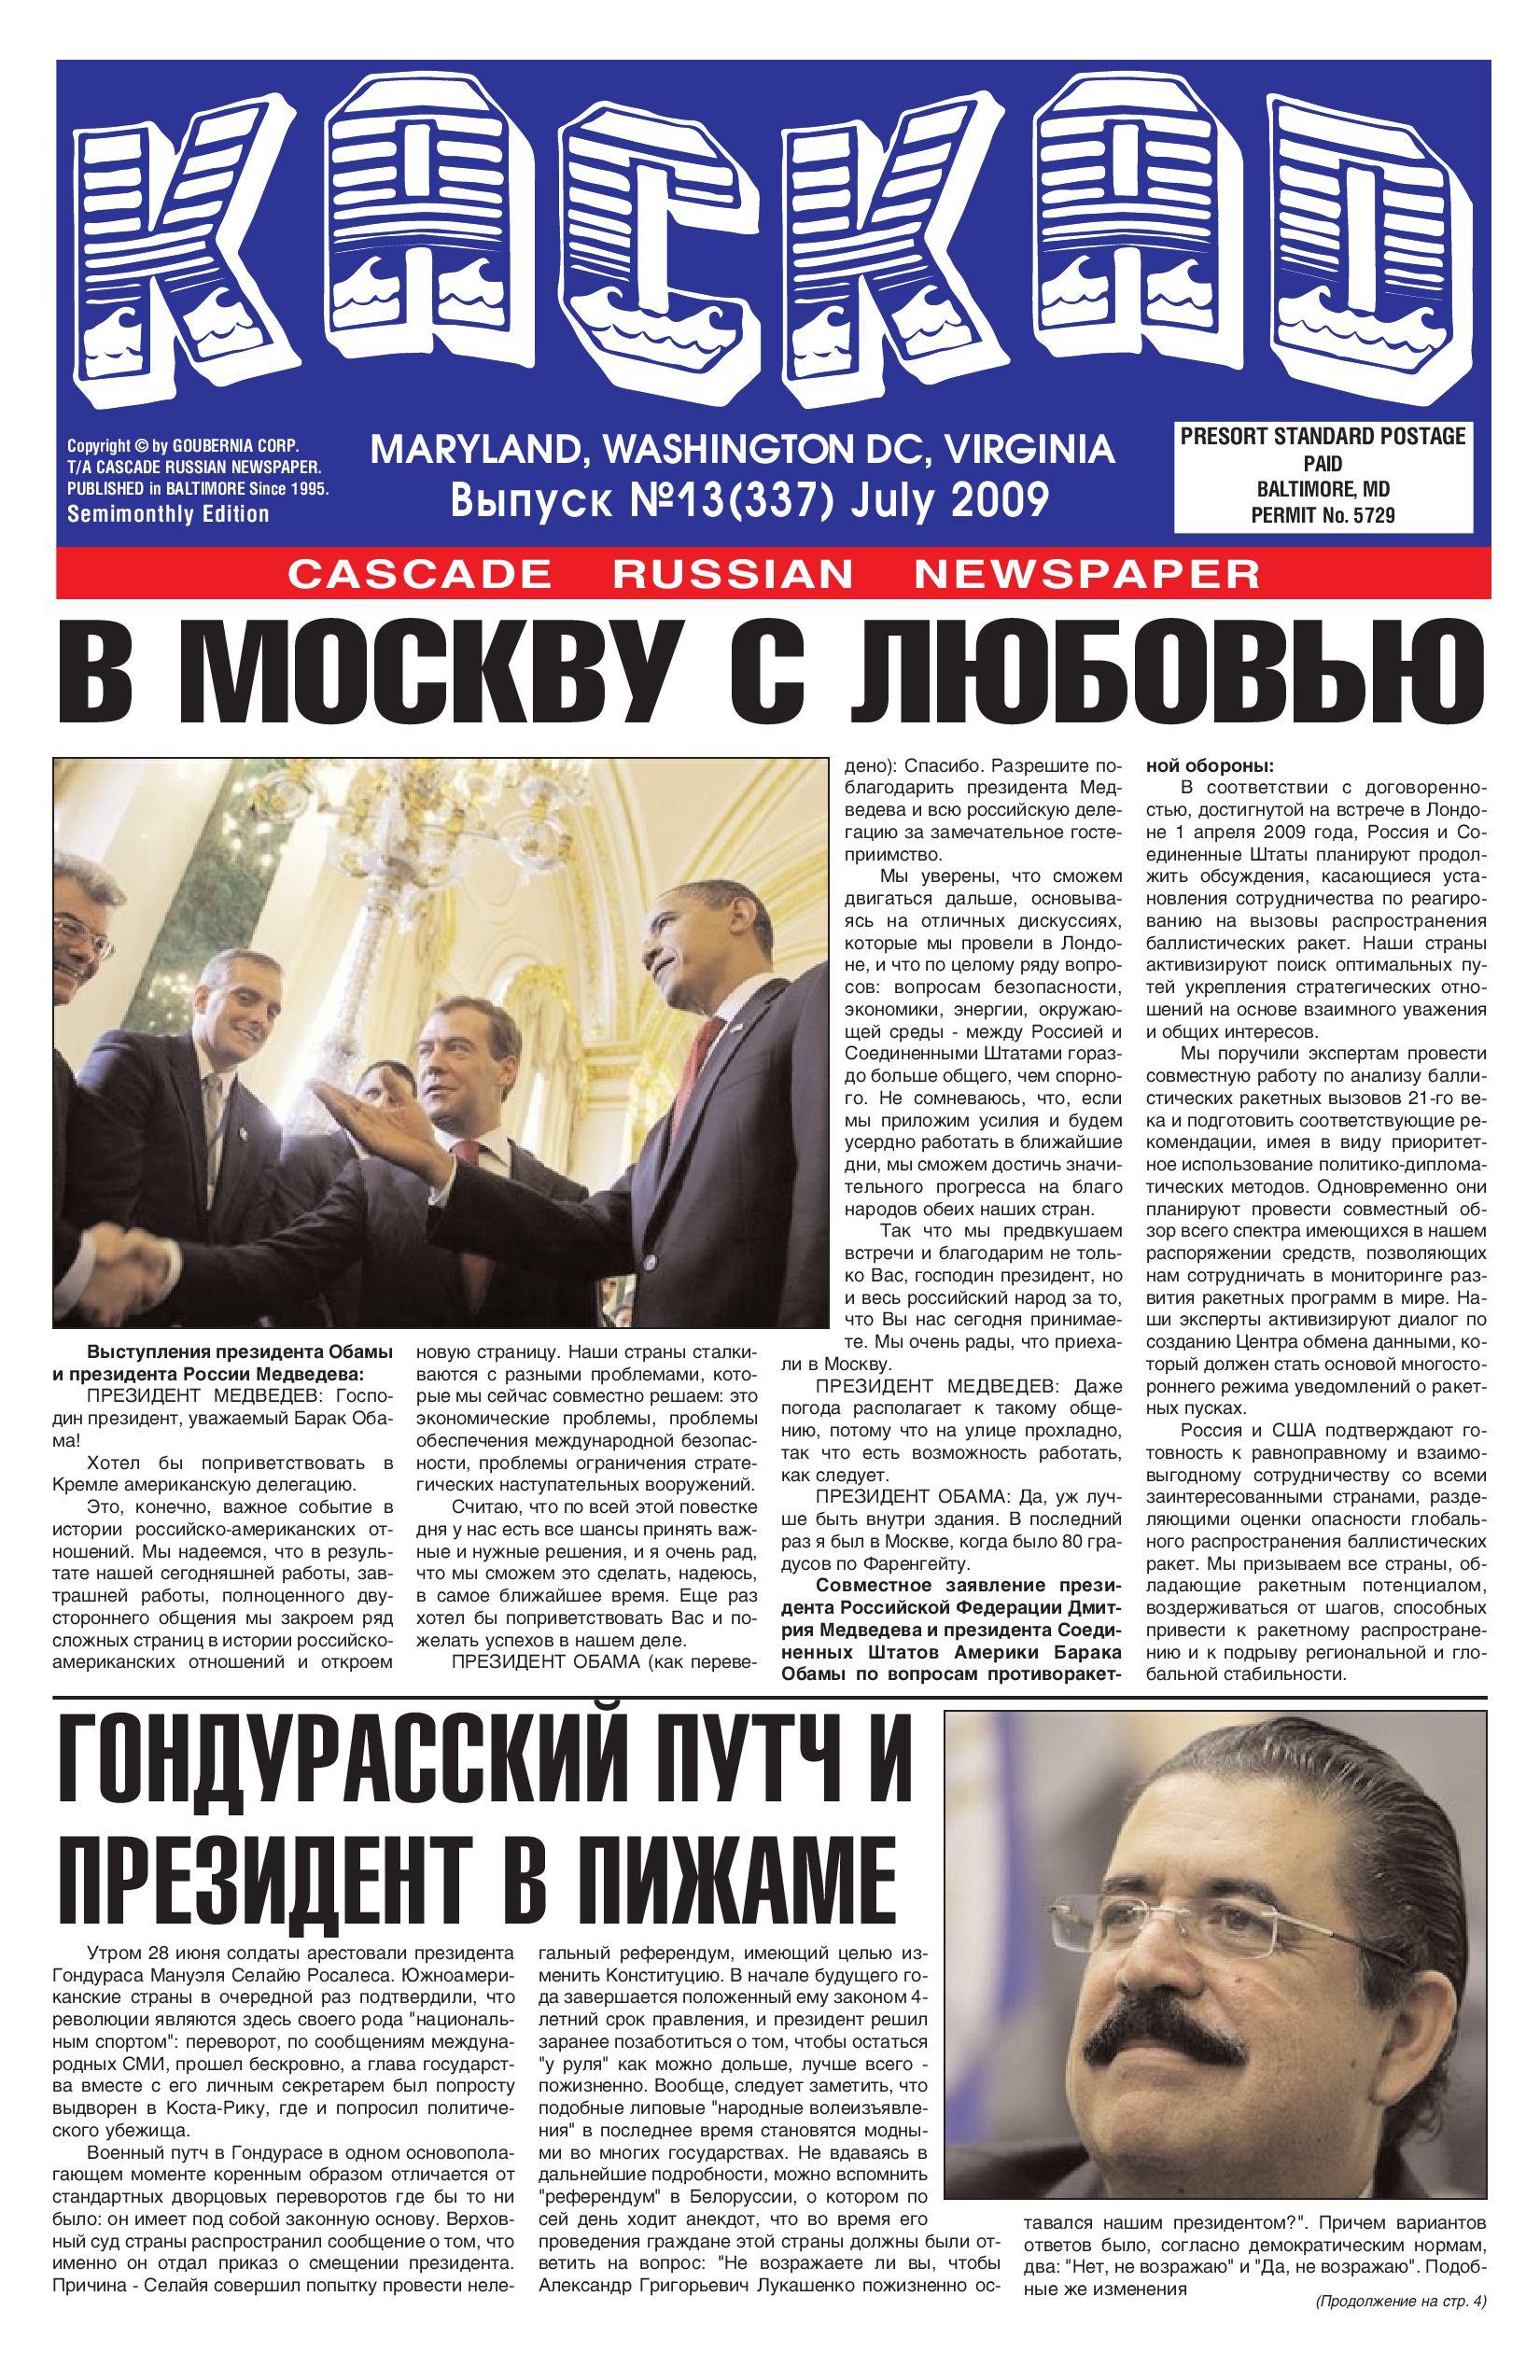 На русском секс шпионаж тайное оружие кгб д ф 2009